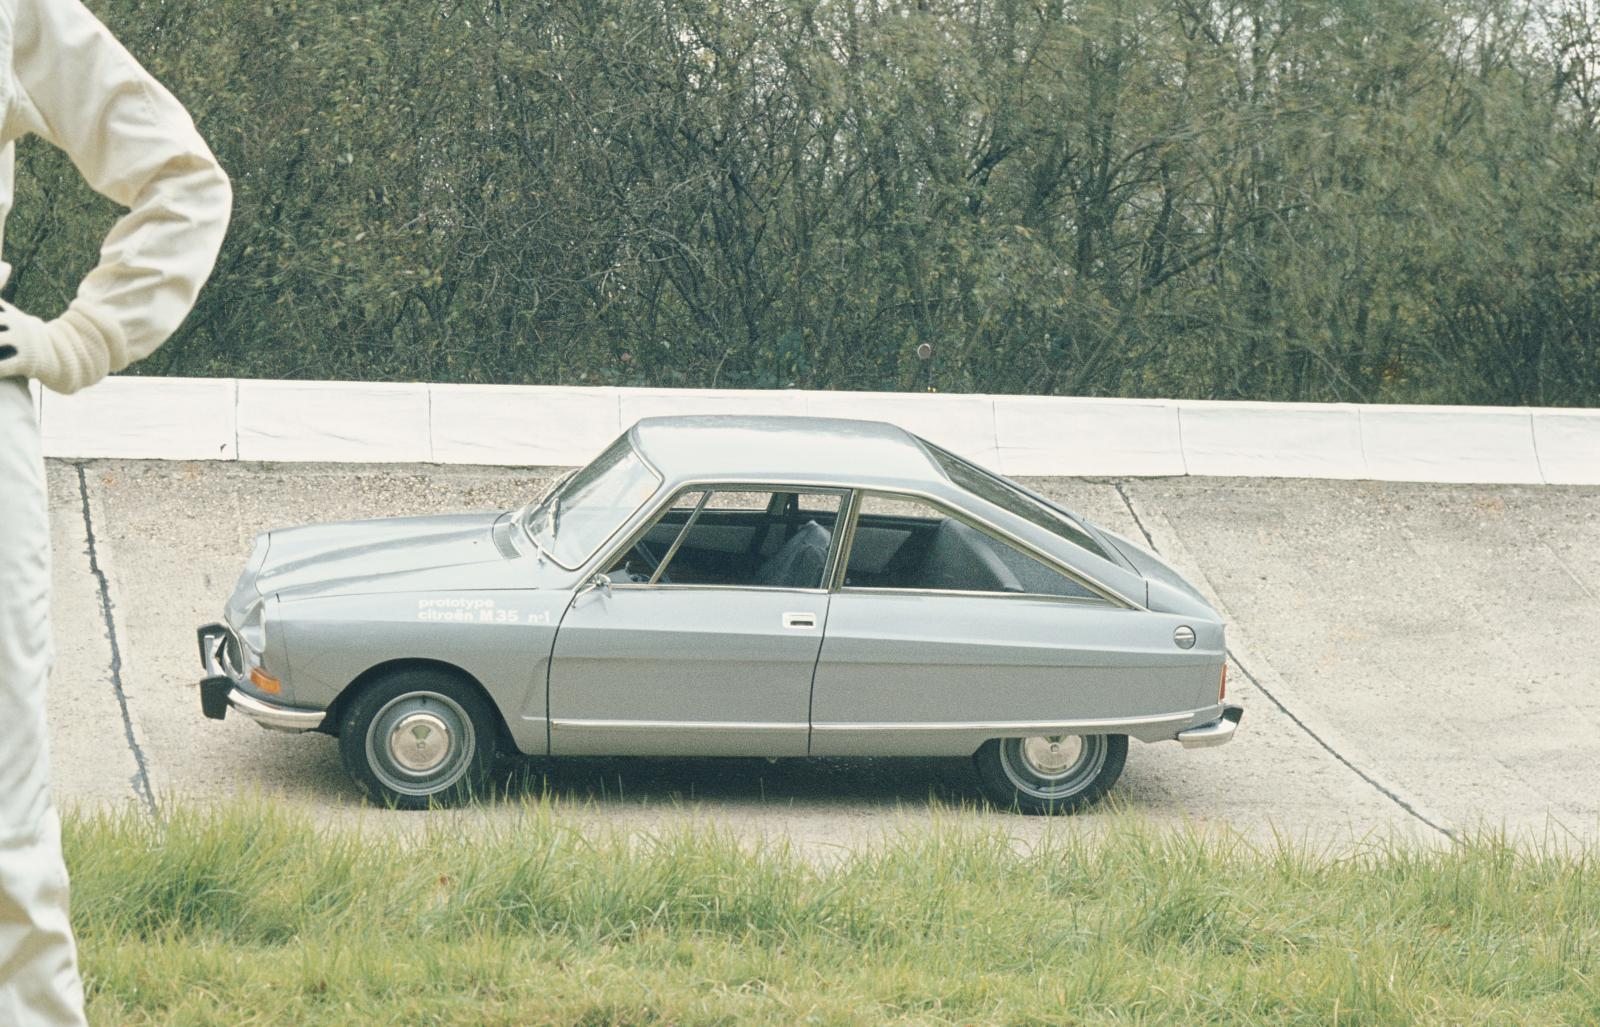 M35 1969 shooting profil